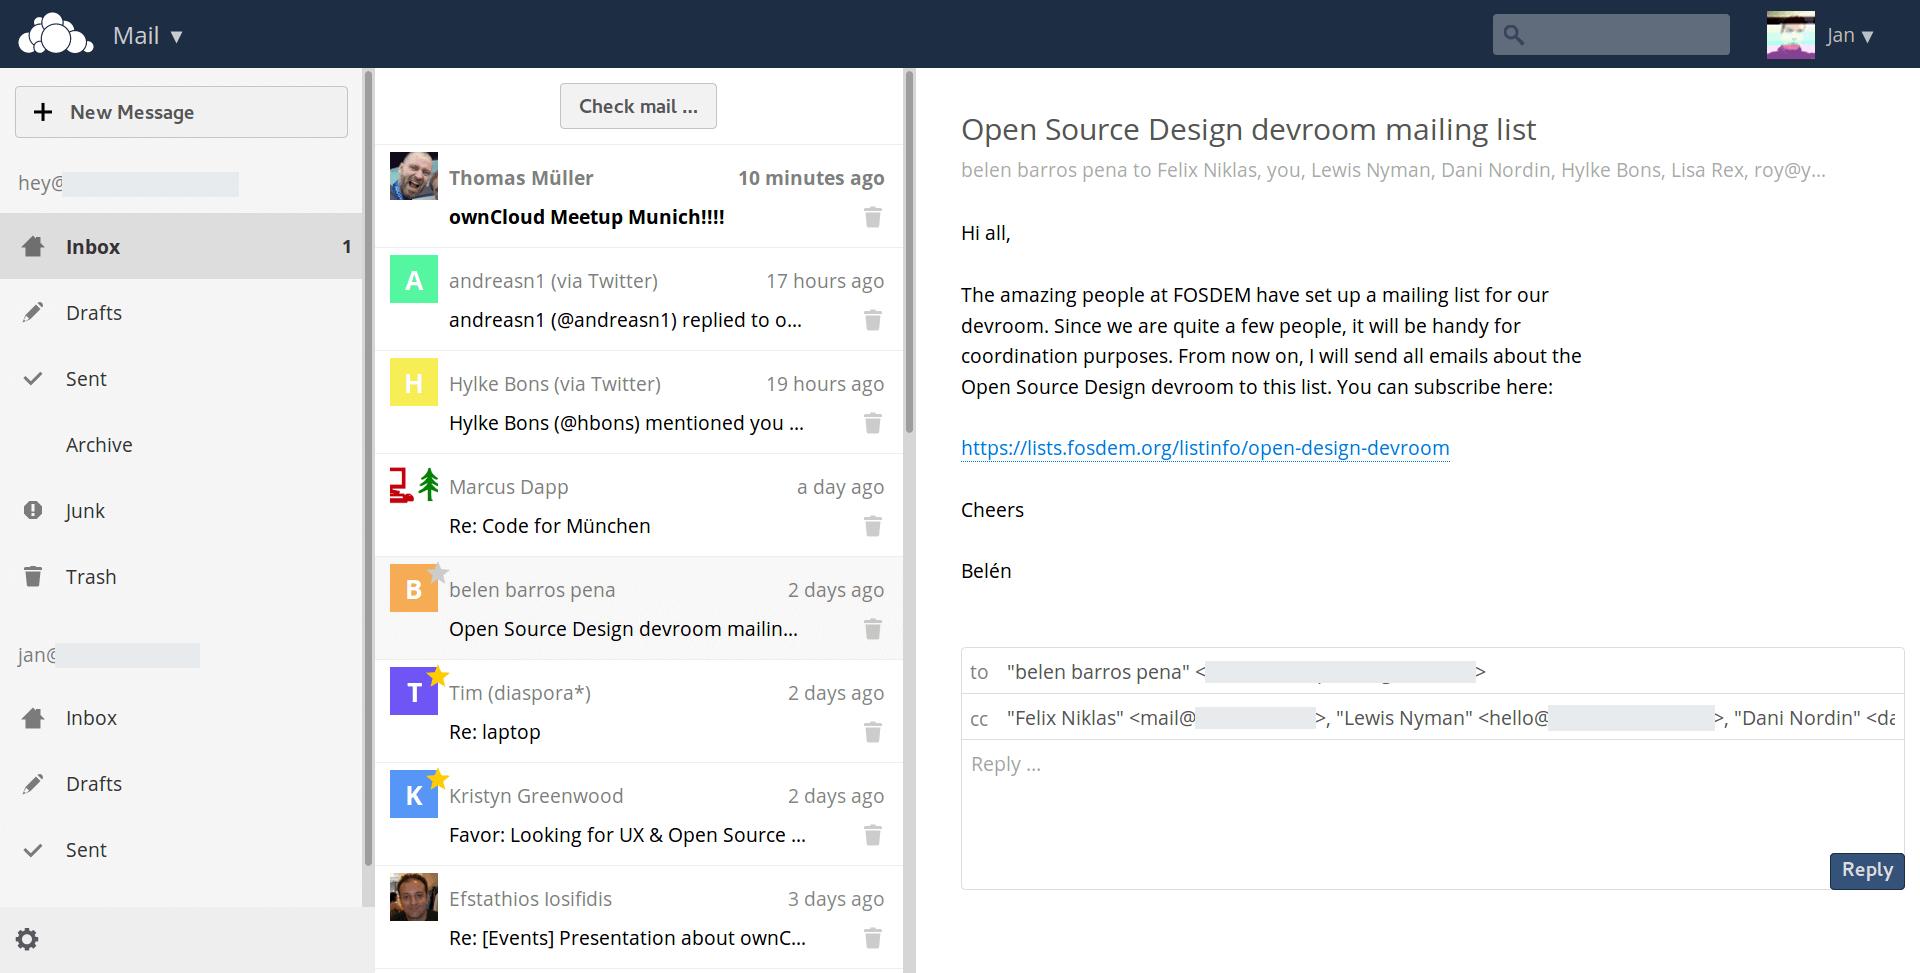 Consulter ses emails avec Owncloud, premier test de l'application Mail